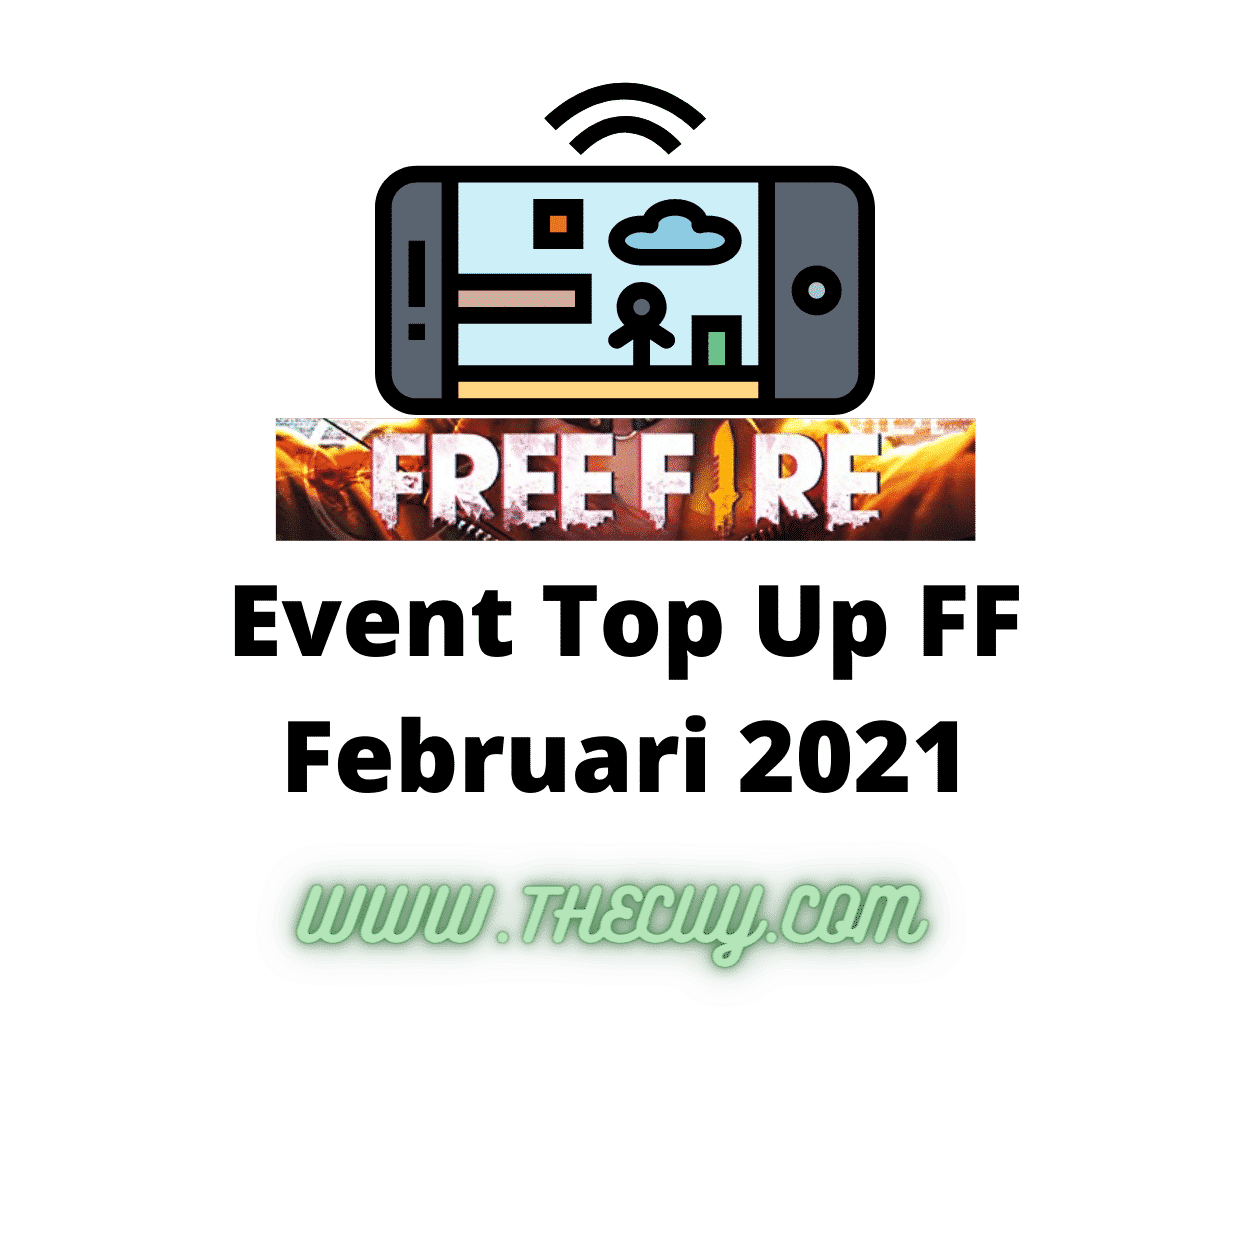 Event Top Up FF Februari 2021